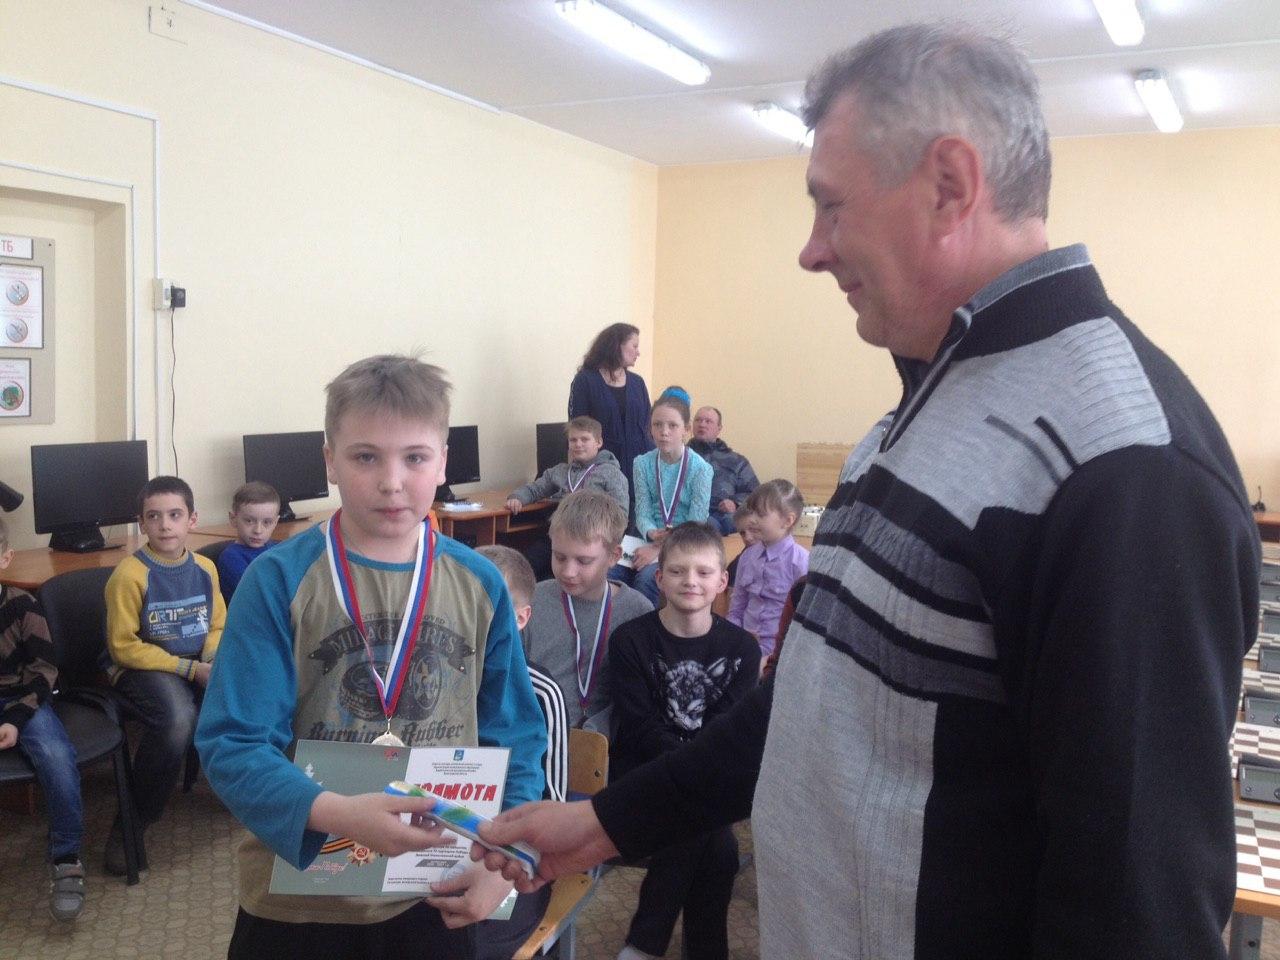 Митрушов Сергей - 2 место в своей возрастной группе.